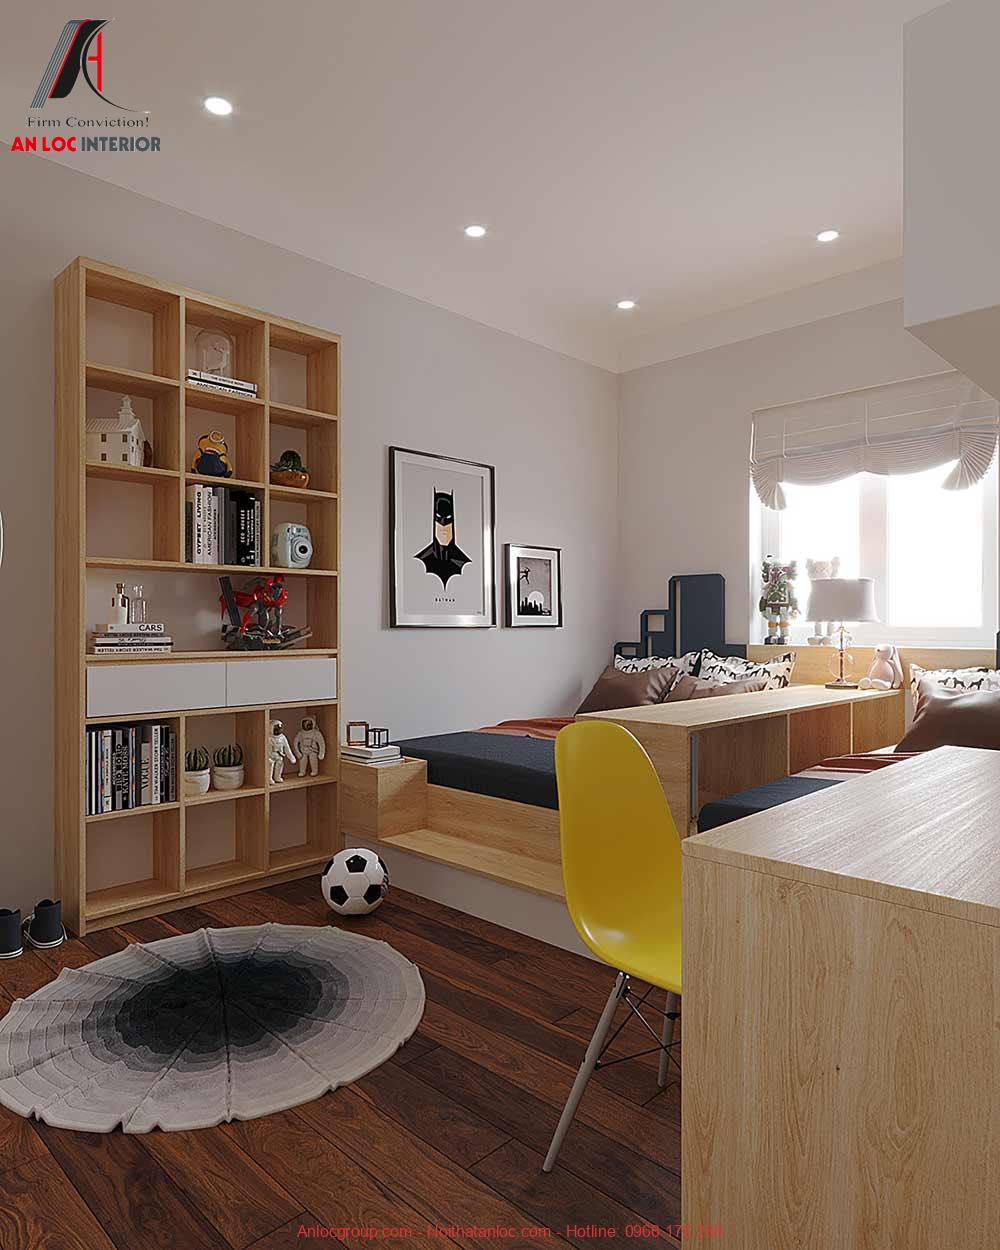 Mẫu 18: Thiết kế nội thất phòng ngủ 2 giường cho bé trai (Ảnh 2)